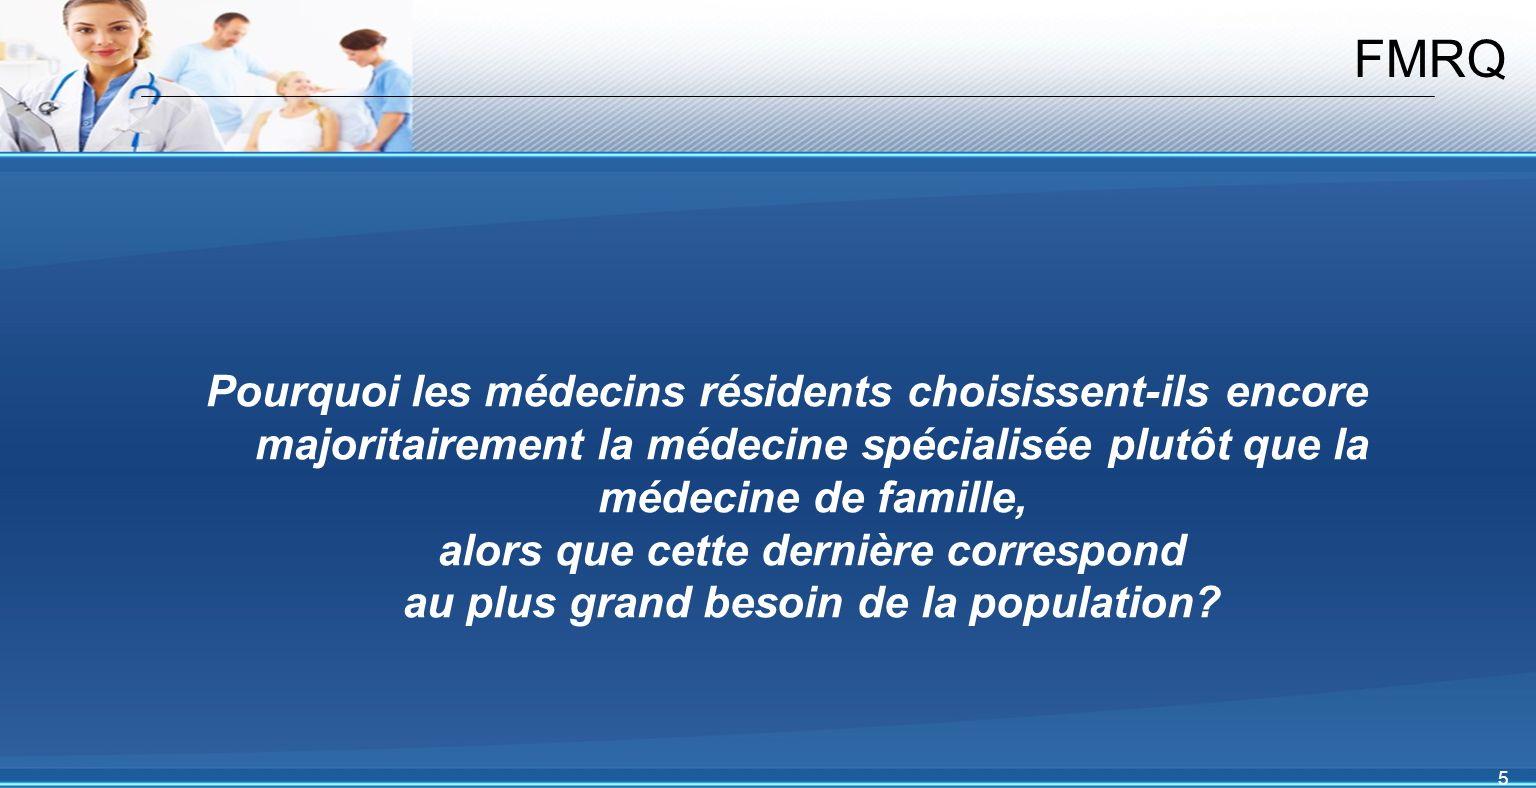 5 FMRQ Pourquoi les médecins résidents choisissent-ils encore majoritairement la médecine spécialisée plutôt que la médecine de famille, alors que cette dernière correspond au plus grand besoin de la population